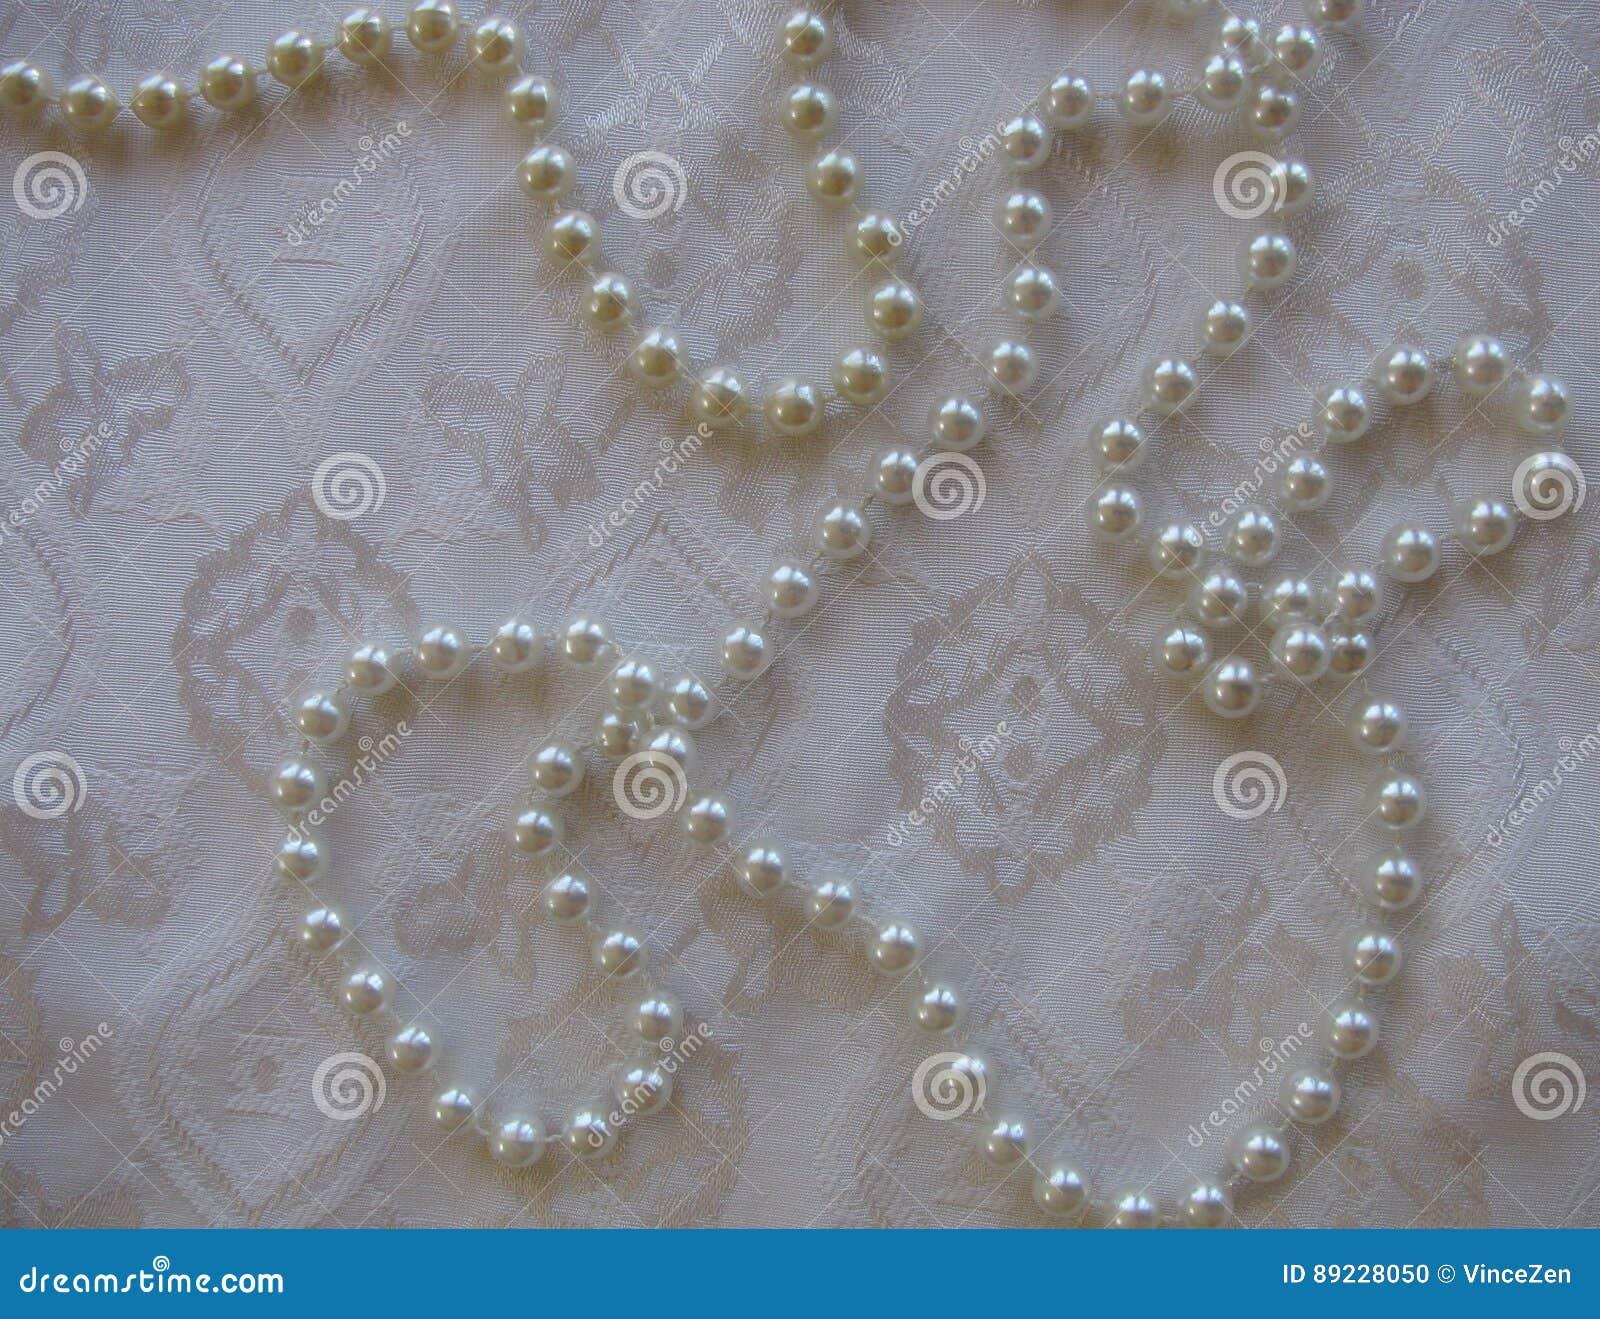 Άσπρο κατασκευασμένο υπόβαθρο των λαμπερών μαργαριταριών σε ένα πλούσιο διαμορφωμένο ύφασμα